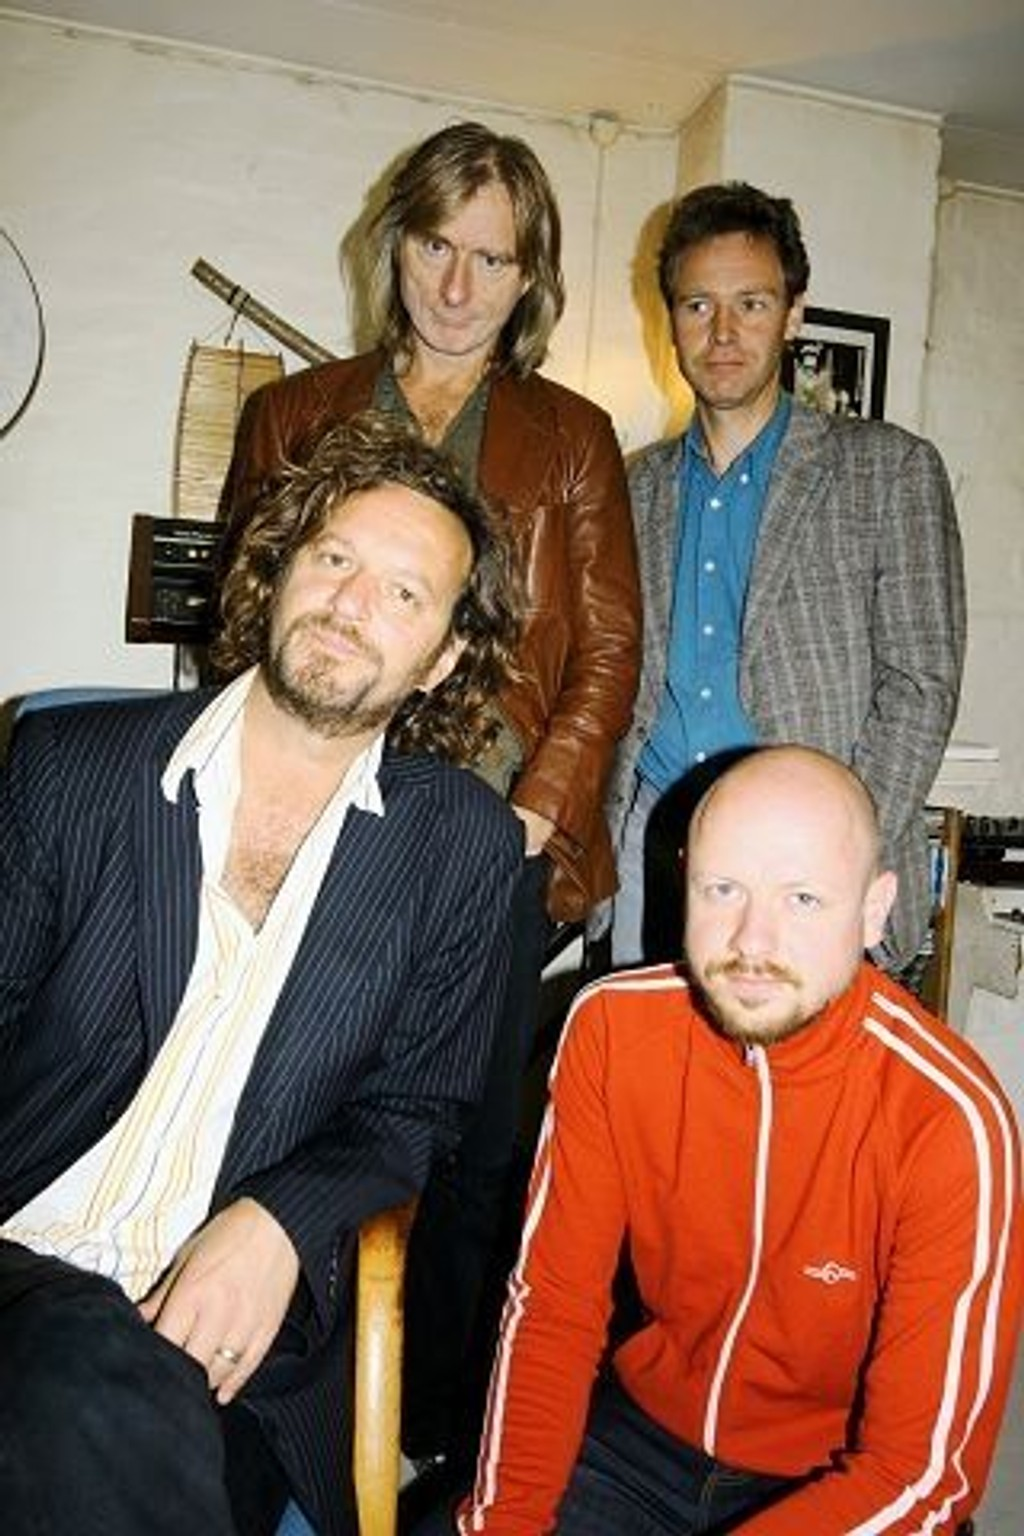 Lars Beckstrøm (foran til venstre), Marius Kristiansen, Tov Ramstad (bak til venstre) og Lars Birkelund gleder seg til kveldens konsert på Soria Moria. FOTO: MAREN THORSEN BLESKESTAD